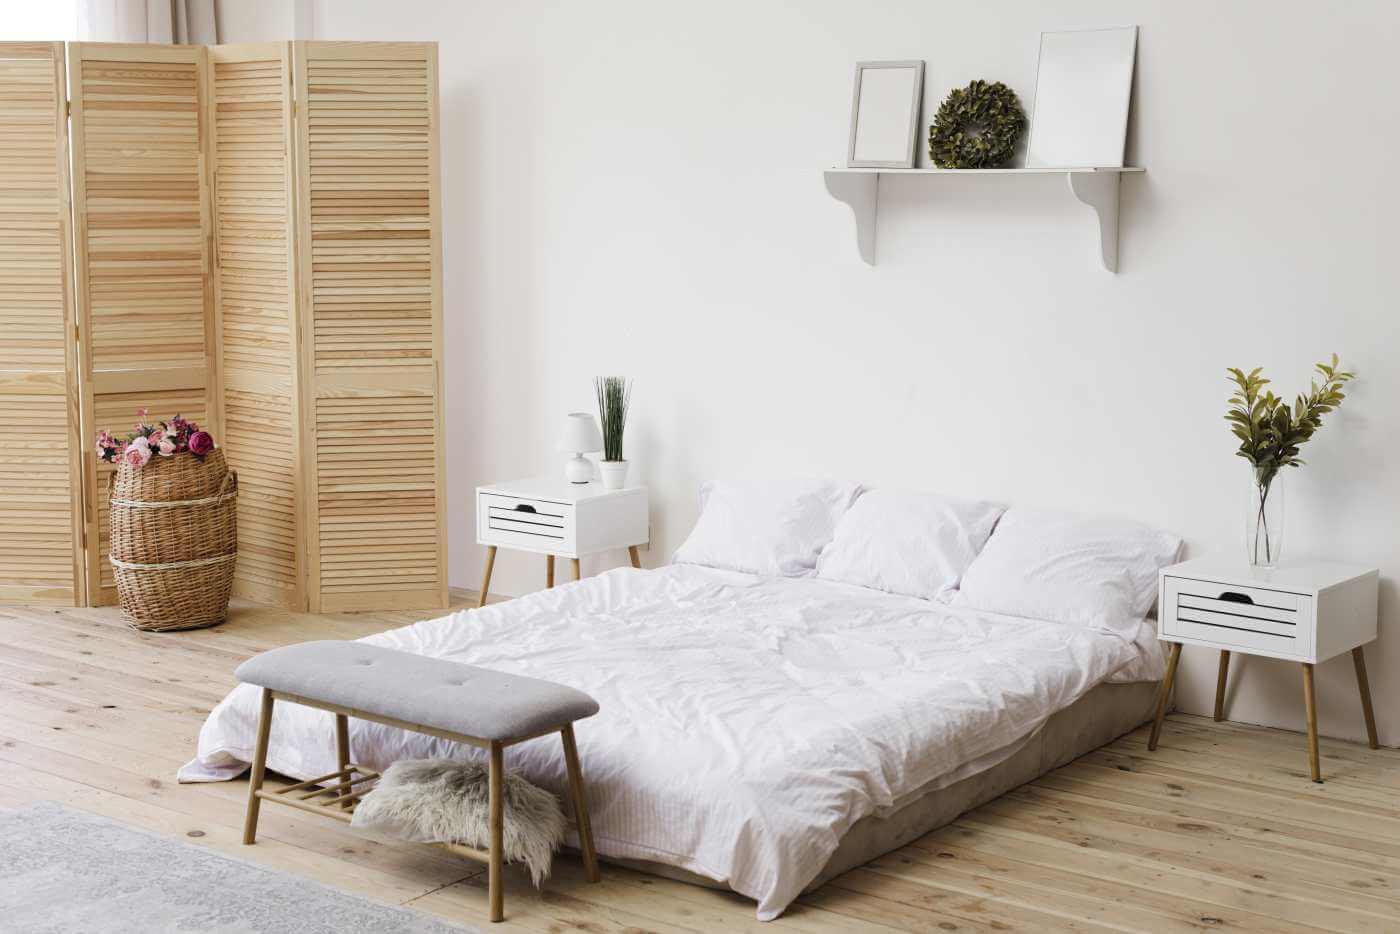 Dormitorio minimalista en casa